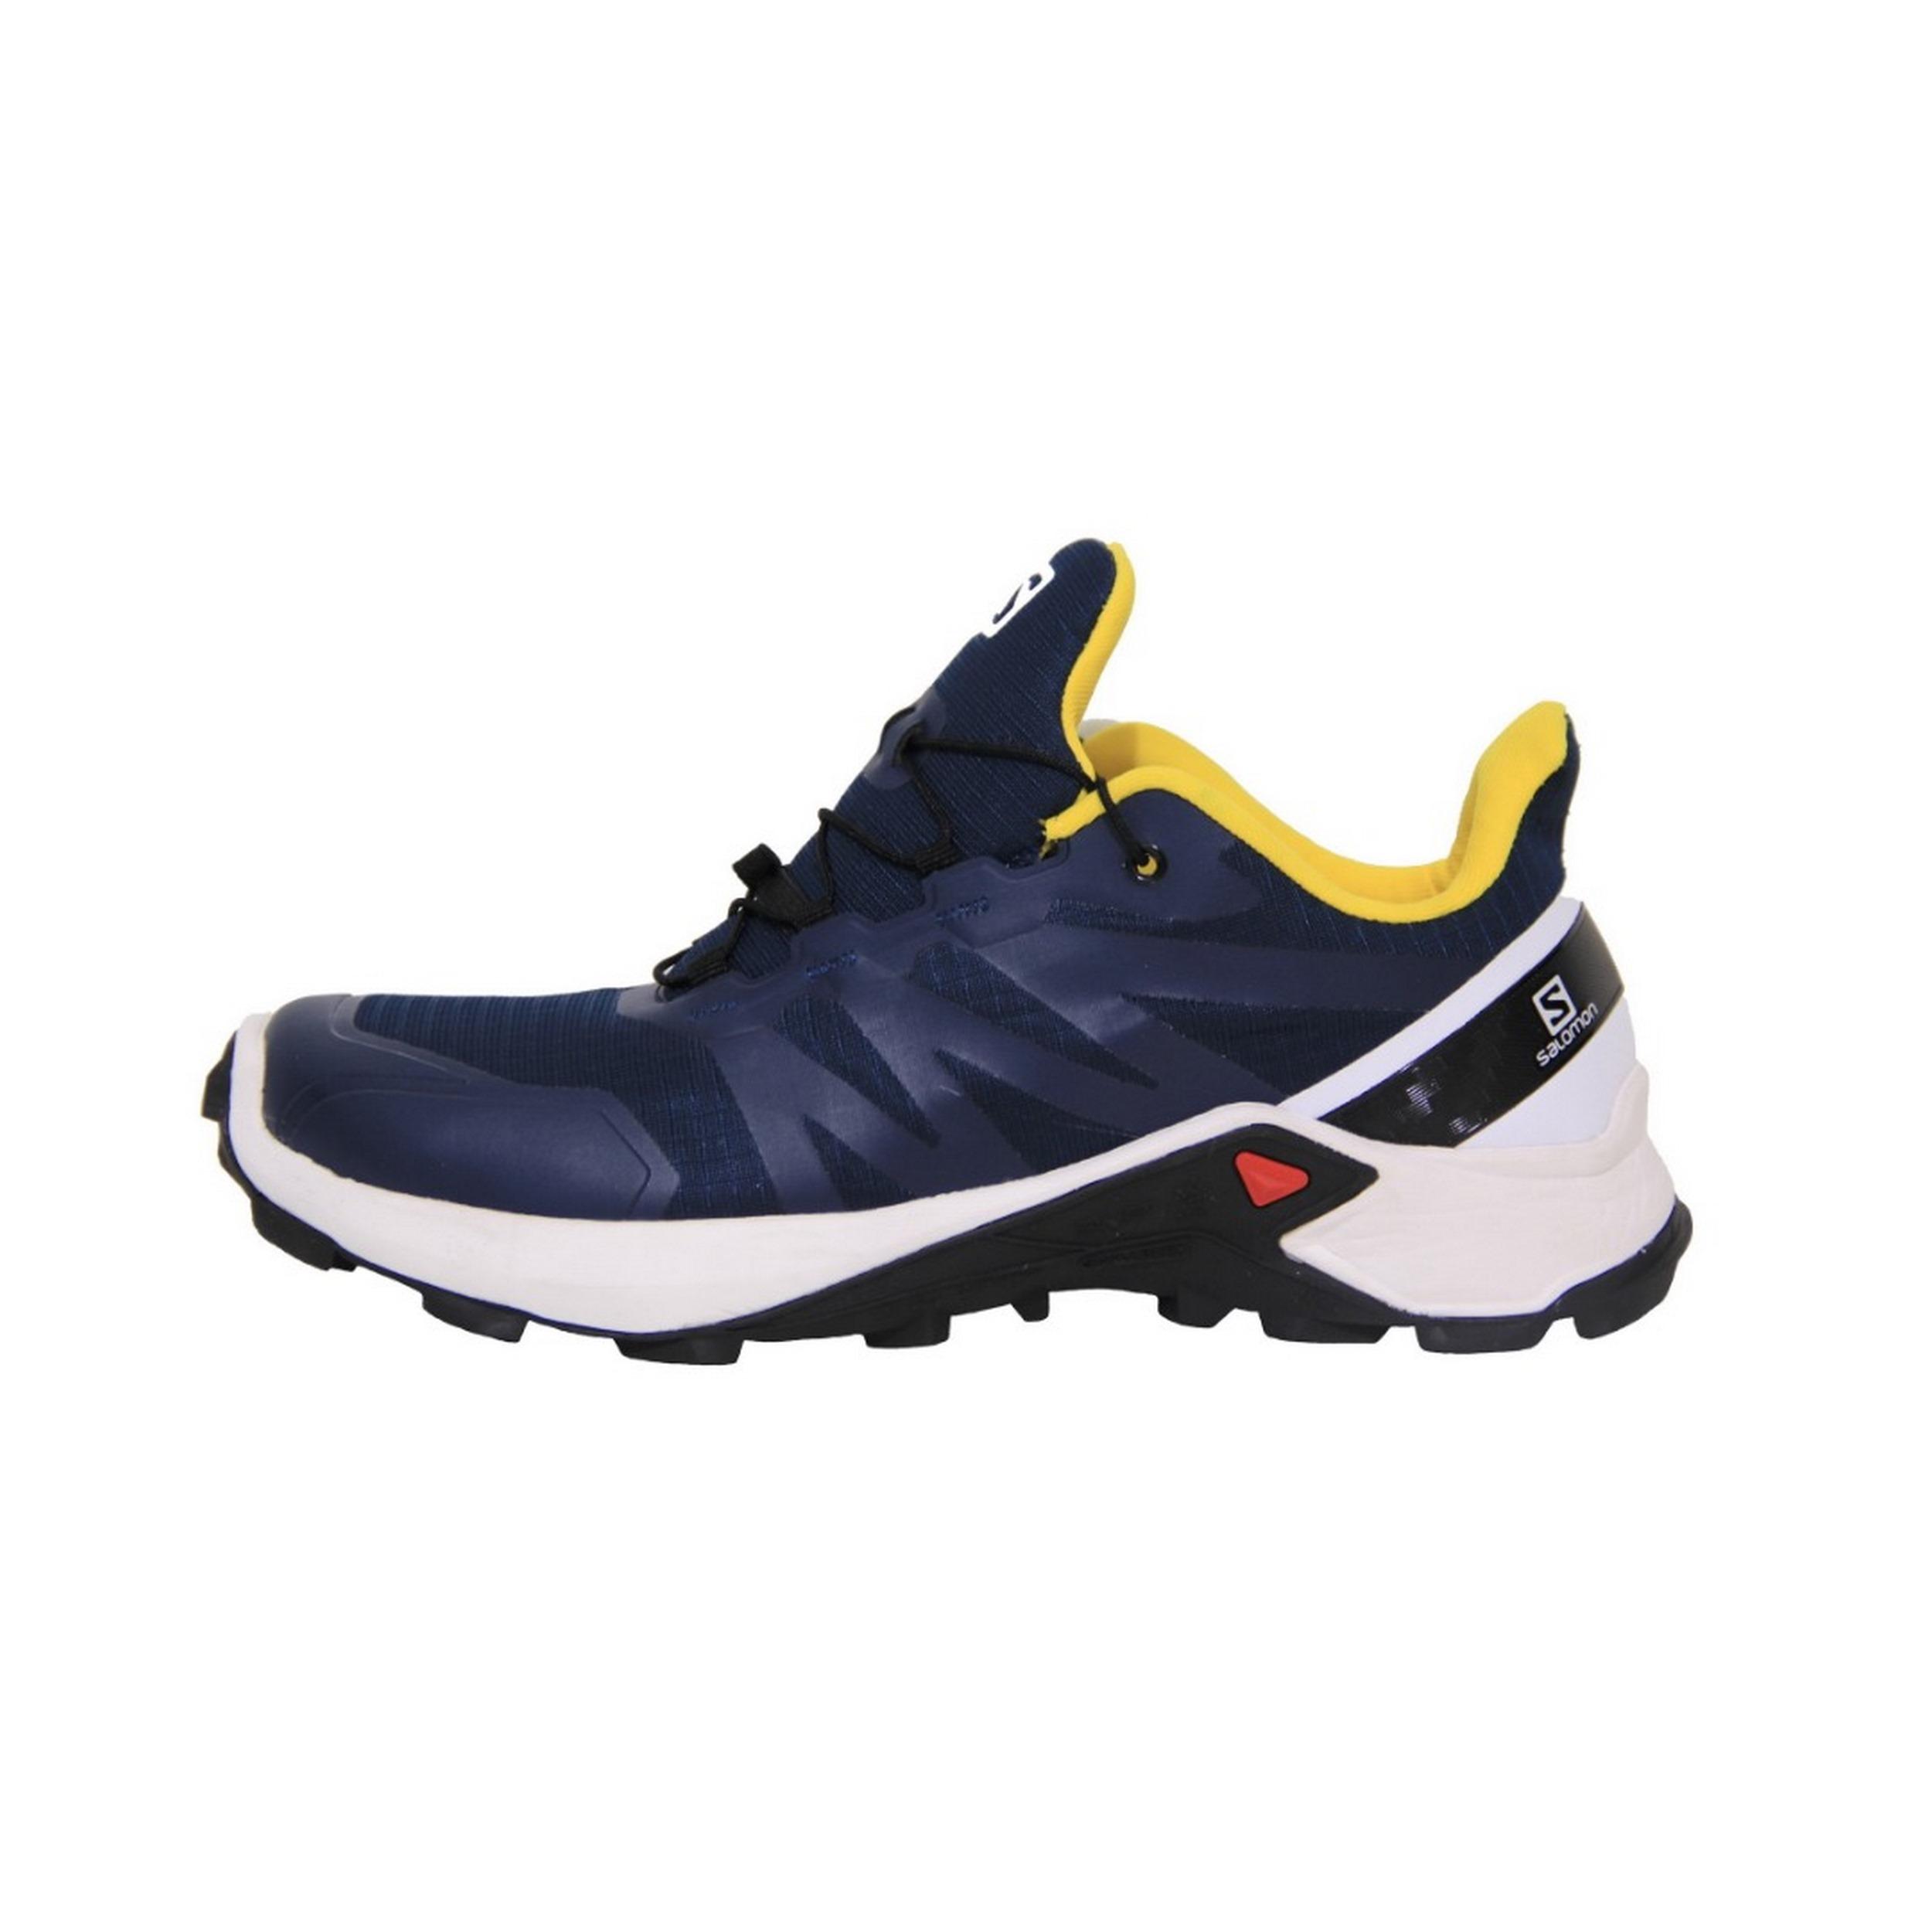 کفش مخصوص پیاده روی مردانه سالومون مدل supercross